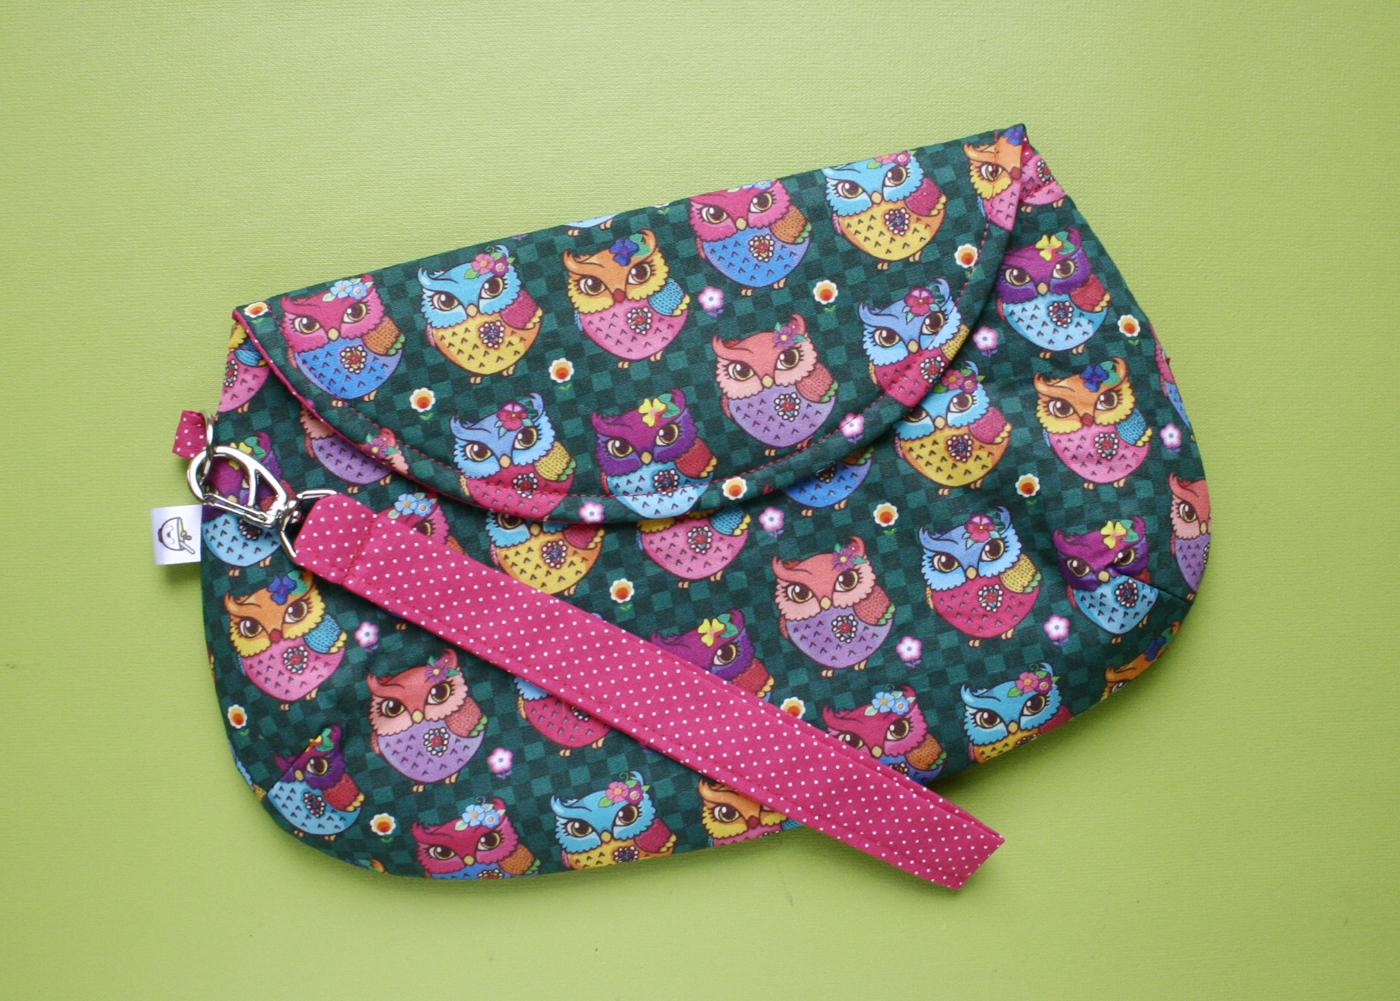 Bolsa De Mão De Tecido Como Fazer : Clutch bag bolsa de m?o com alcinha meia tigela elo